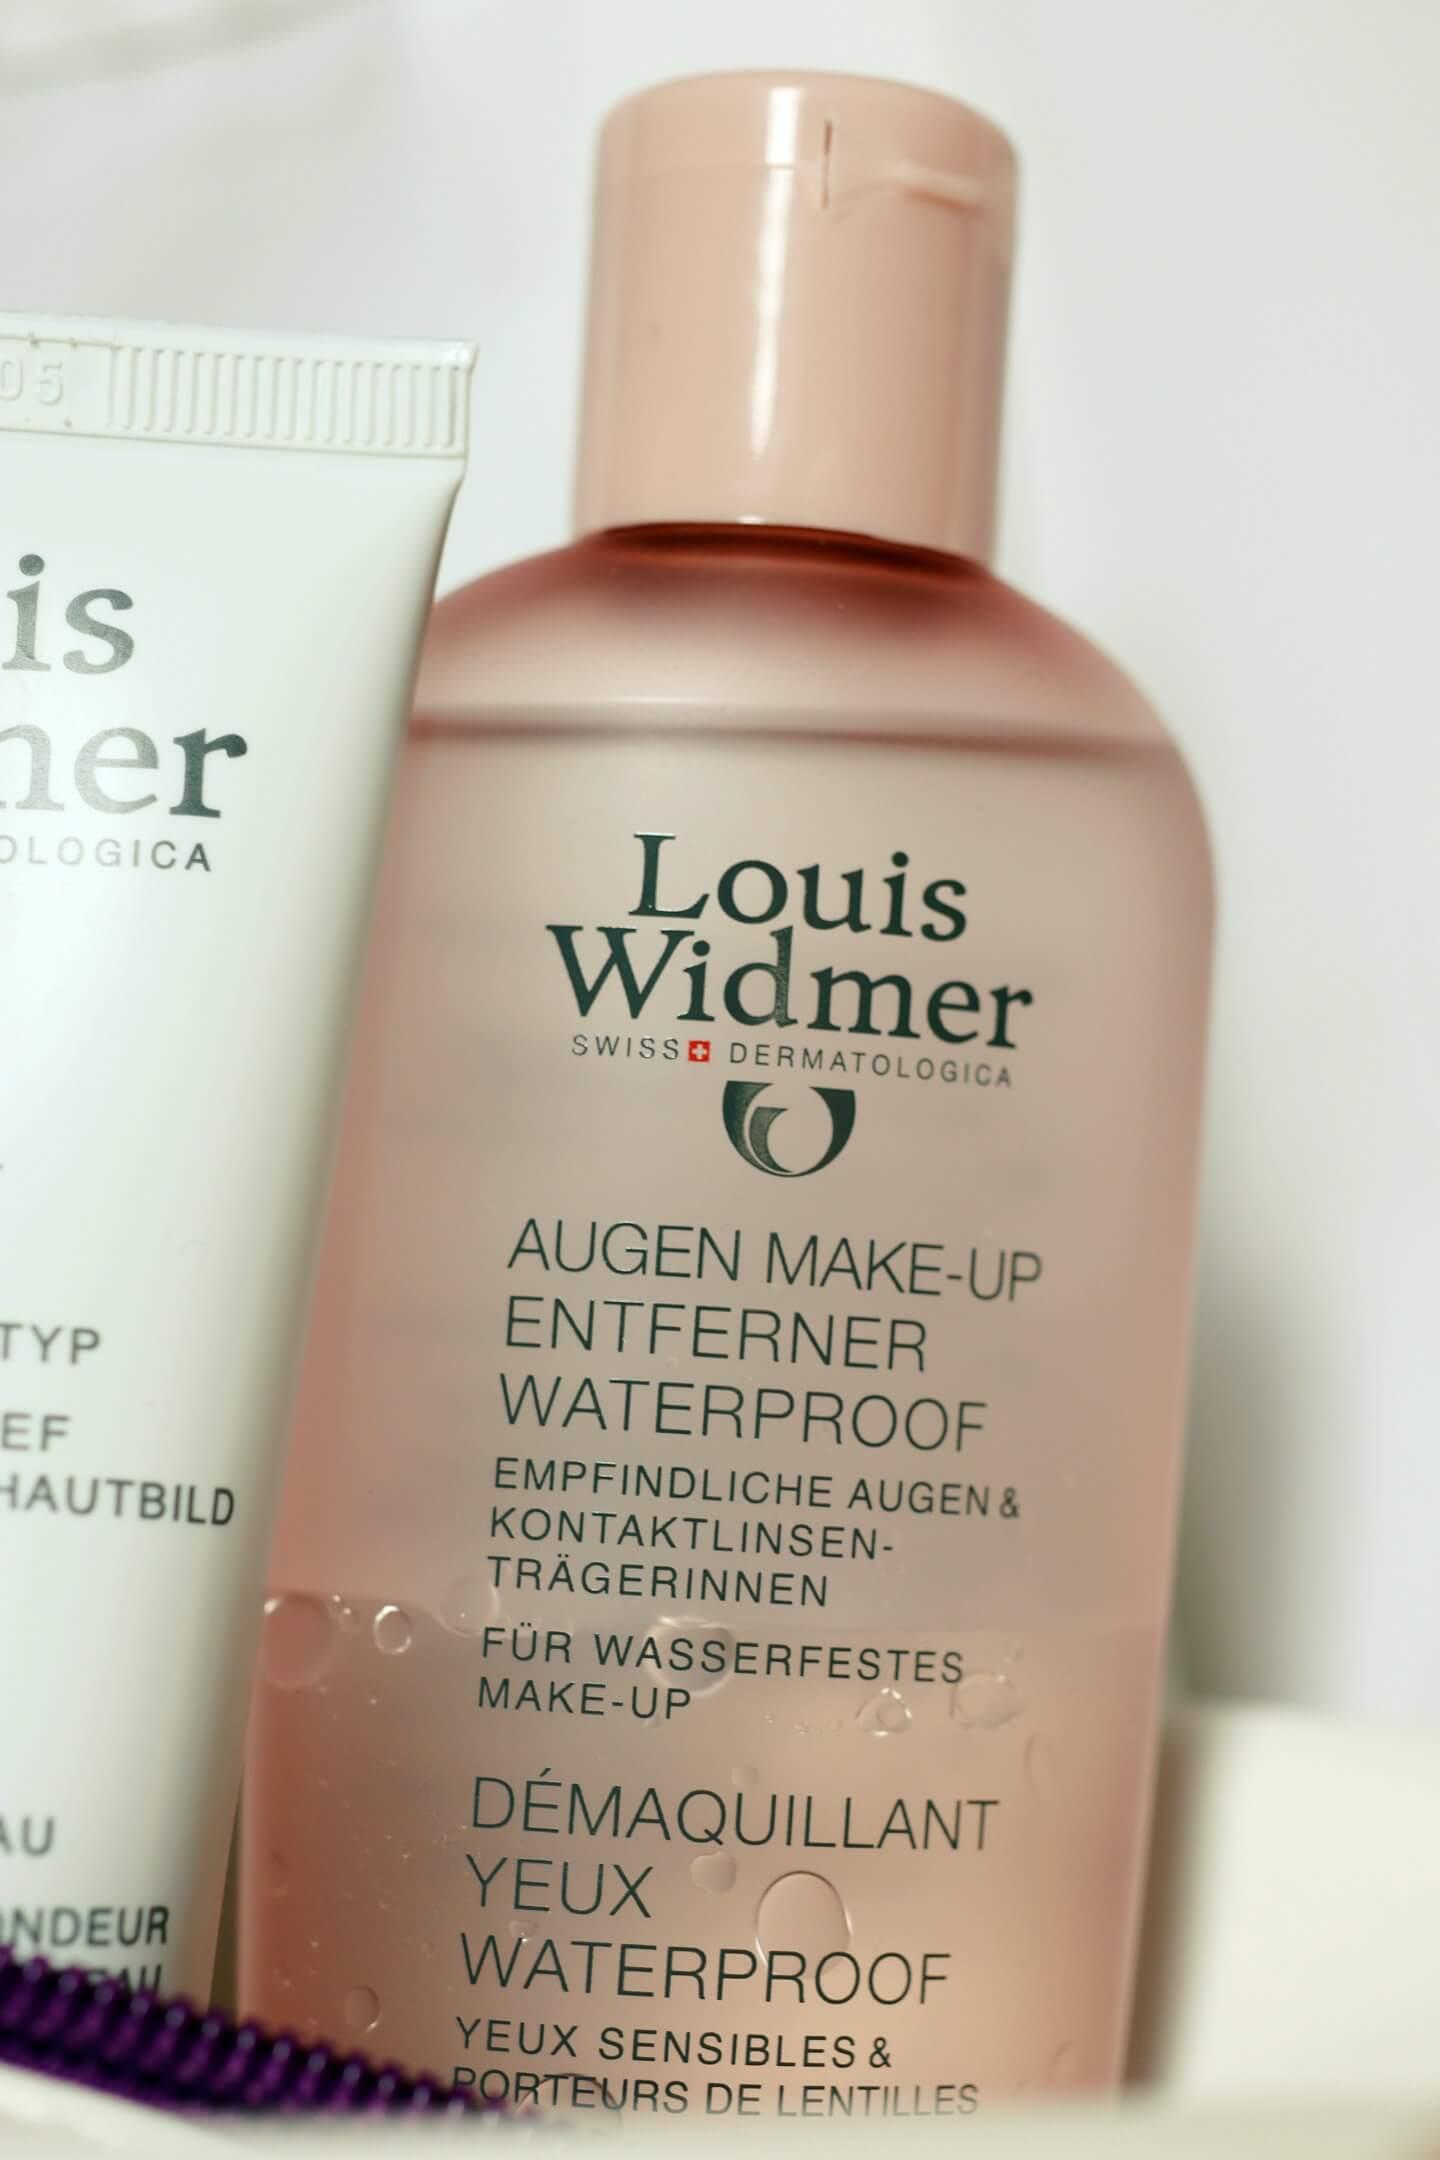 louis widmer eye makeup remover - actually anna